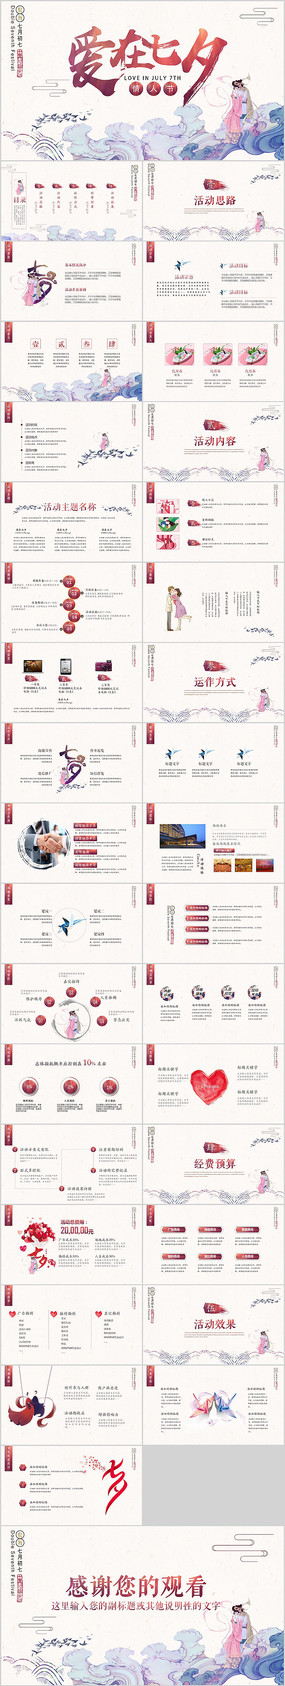 中国风七夕活动策划PPT